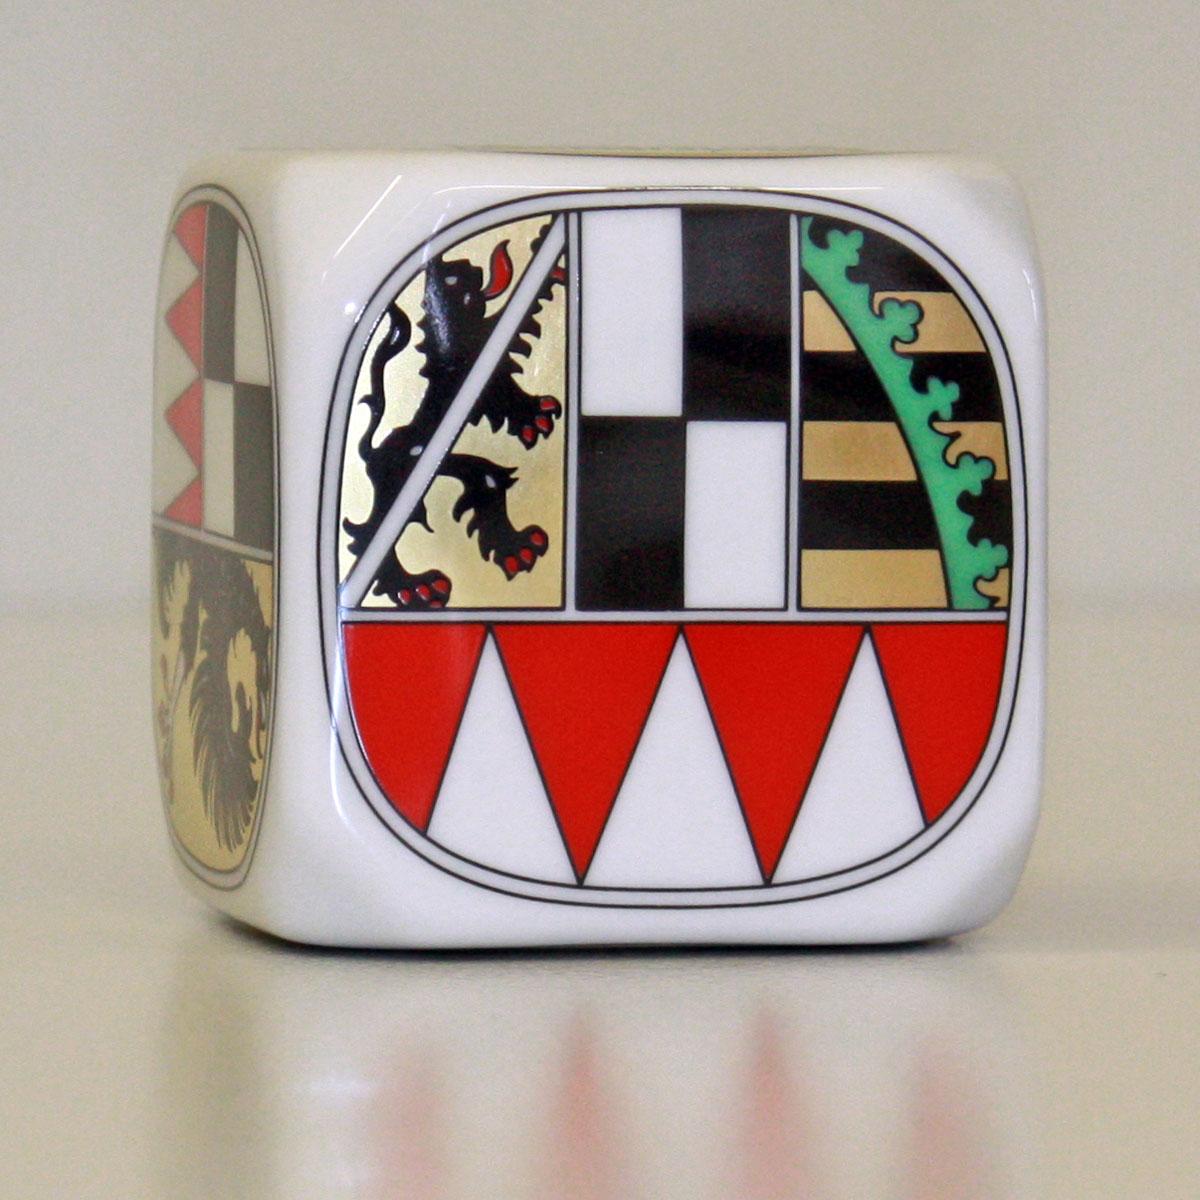 Frankenwürfel mit dem Wappen von Oberfranken